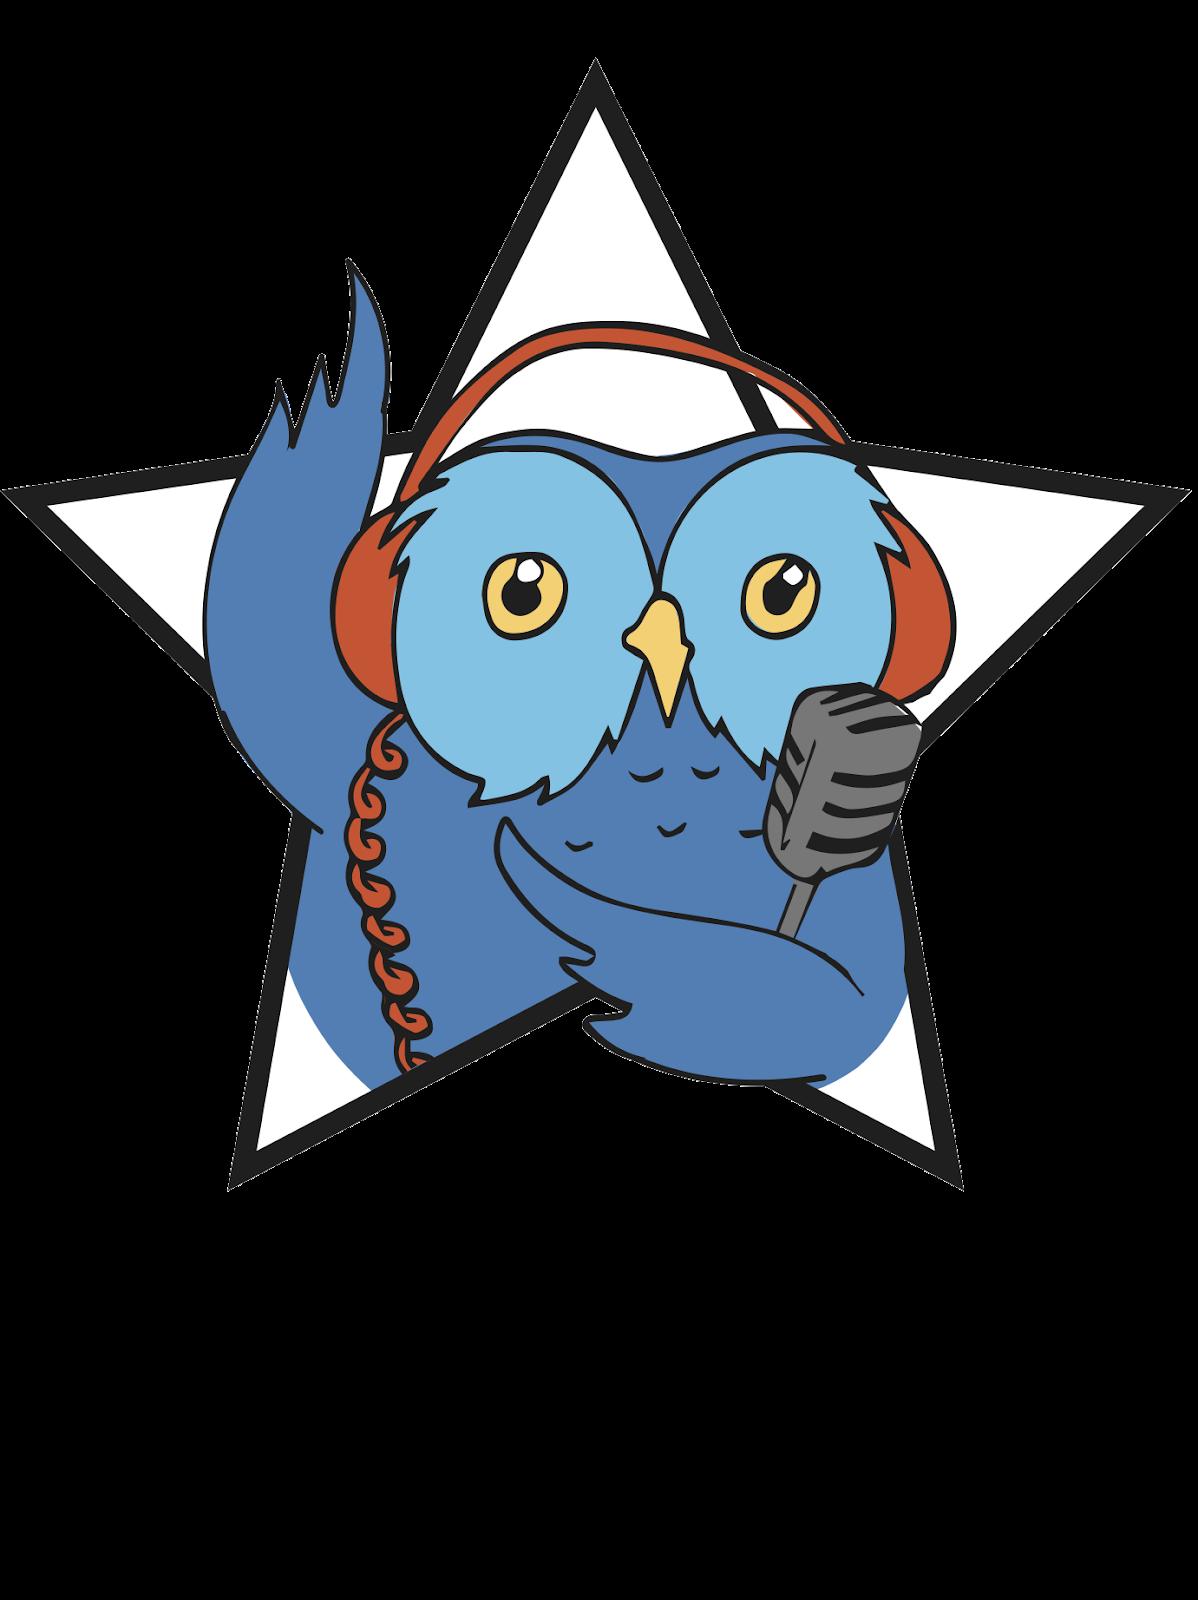 Owl Star Media